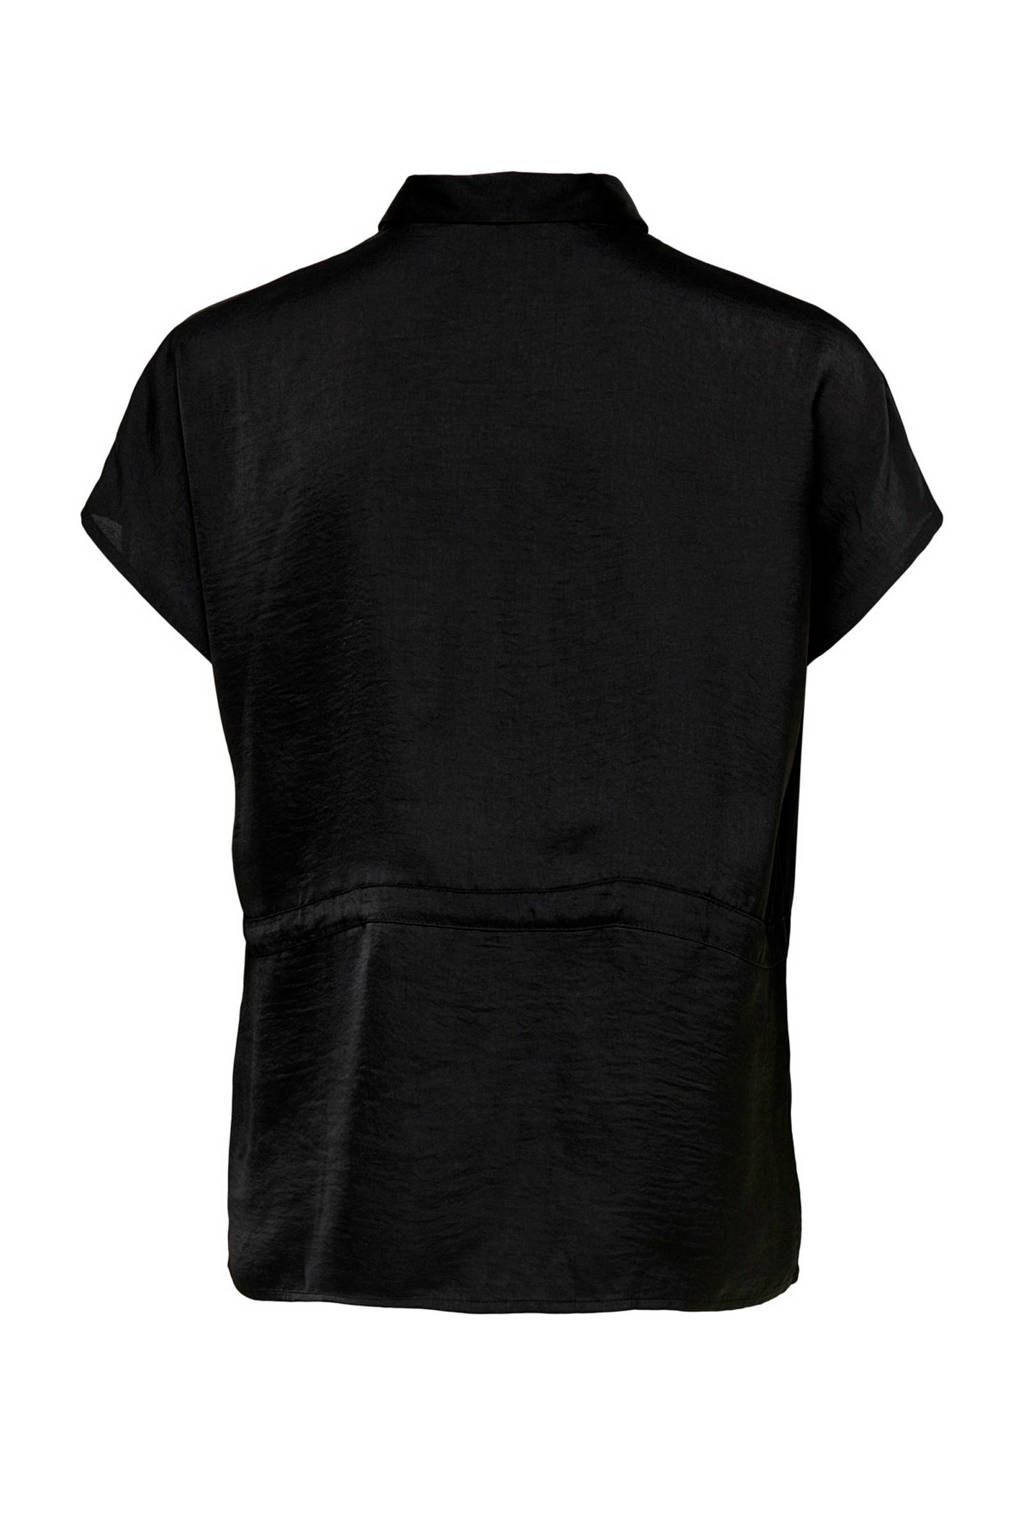 JACQUELINE DE YONG blouse zwart, Zwart